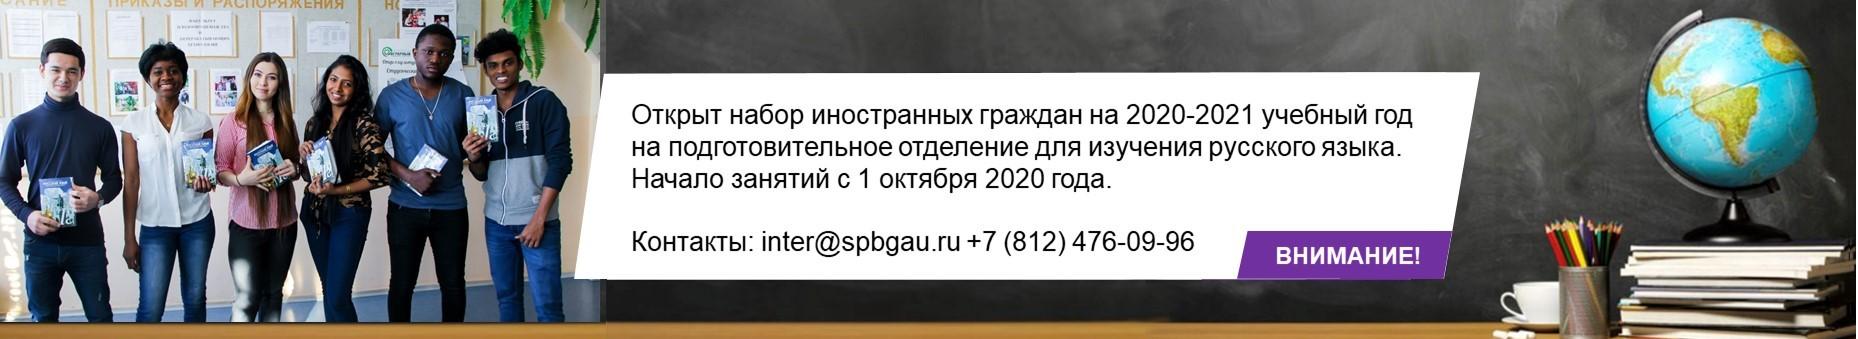 Открыт набор иностранных граждан на 2020-2021 учебный год на подготовительное отделение для изучения русского языка.  Начало занятий с 1 октября 2020 года.   Контакты: inter@spbgau.ru +7 (812) 476 09 96